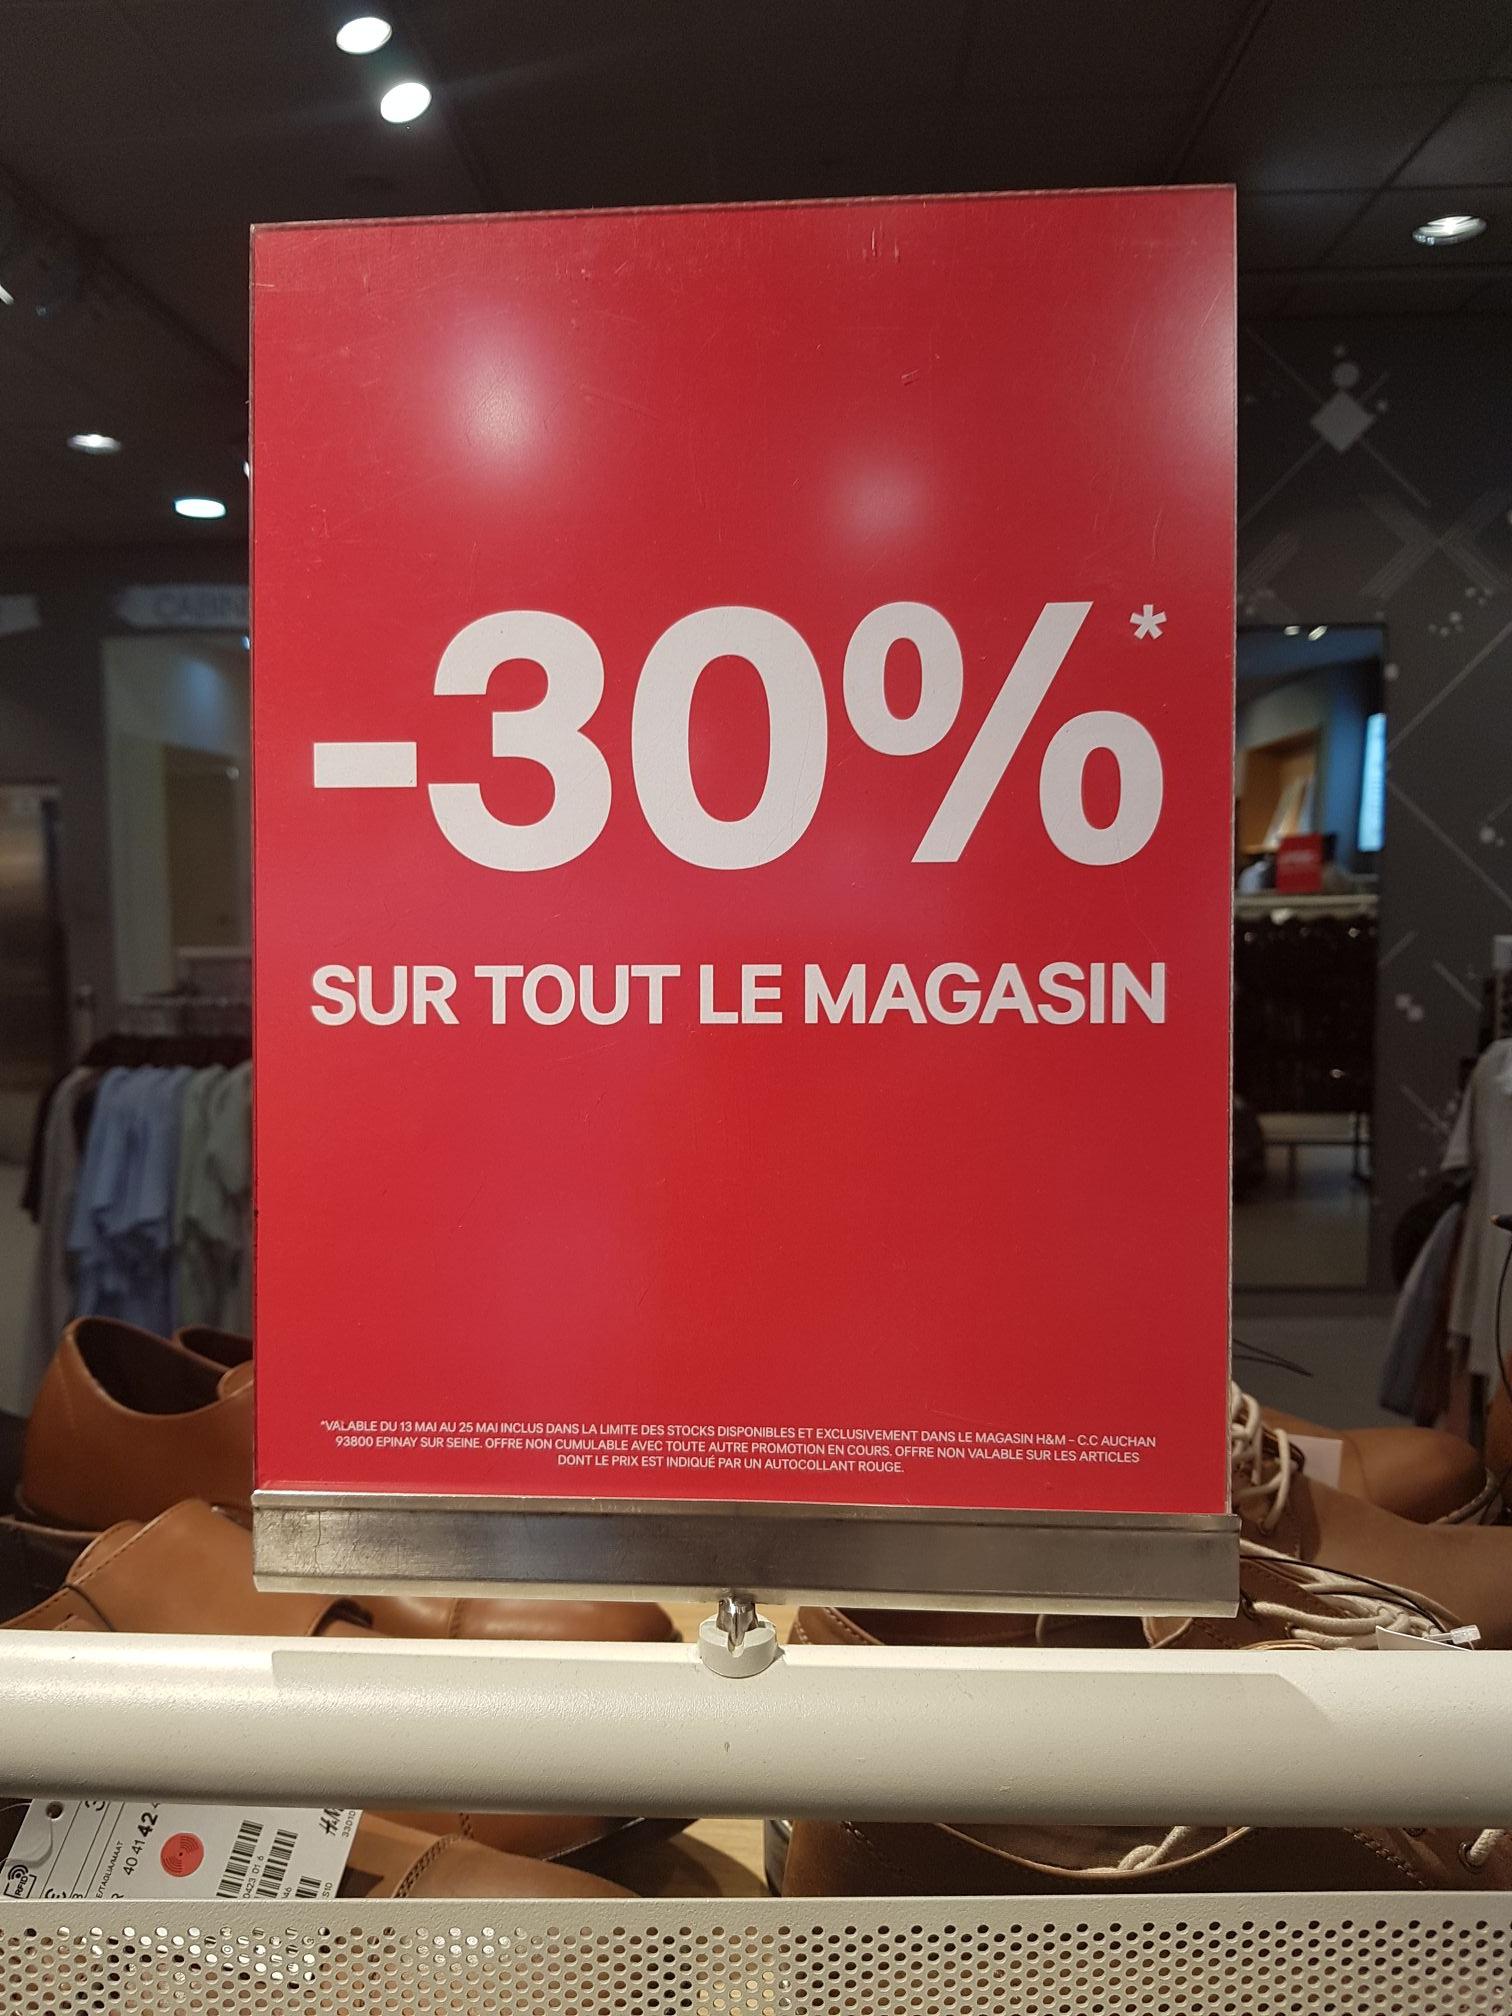 -30% sur tout le magasin - Epinay sur Seine (93)